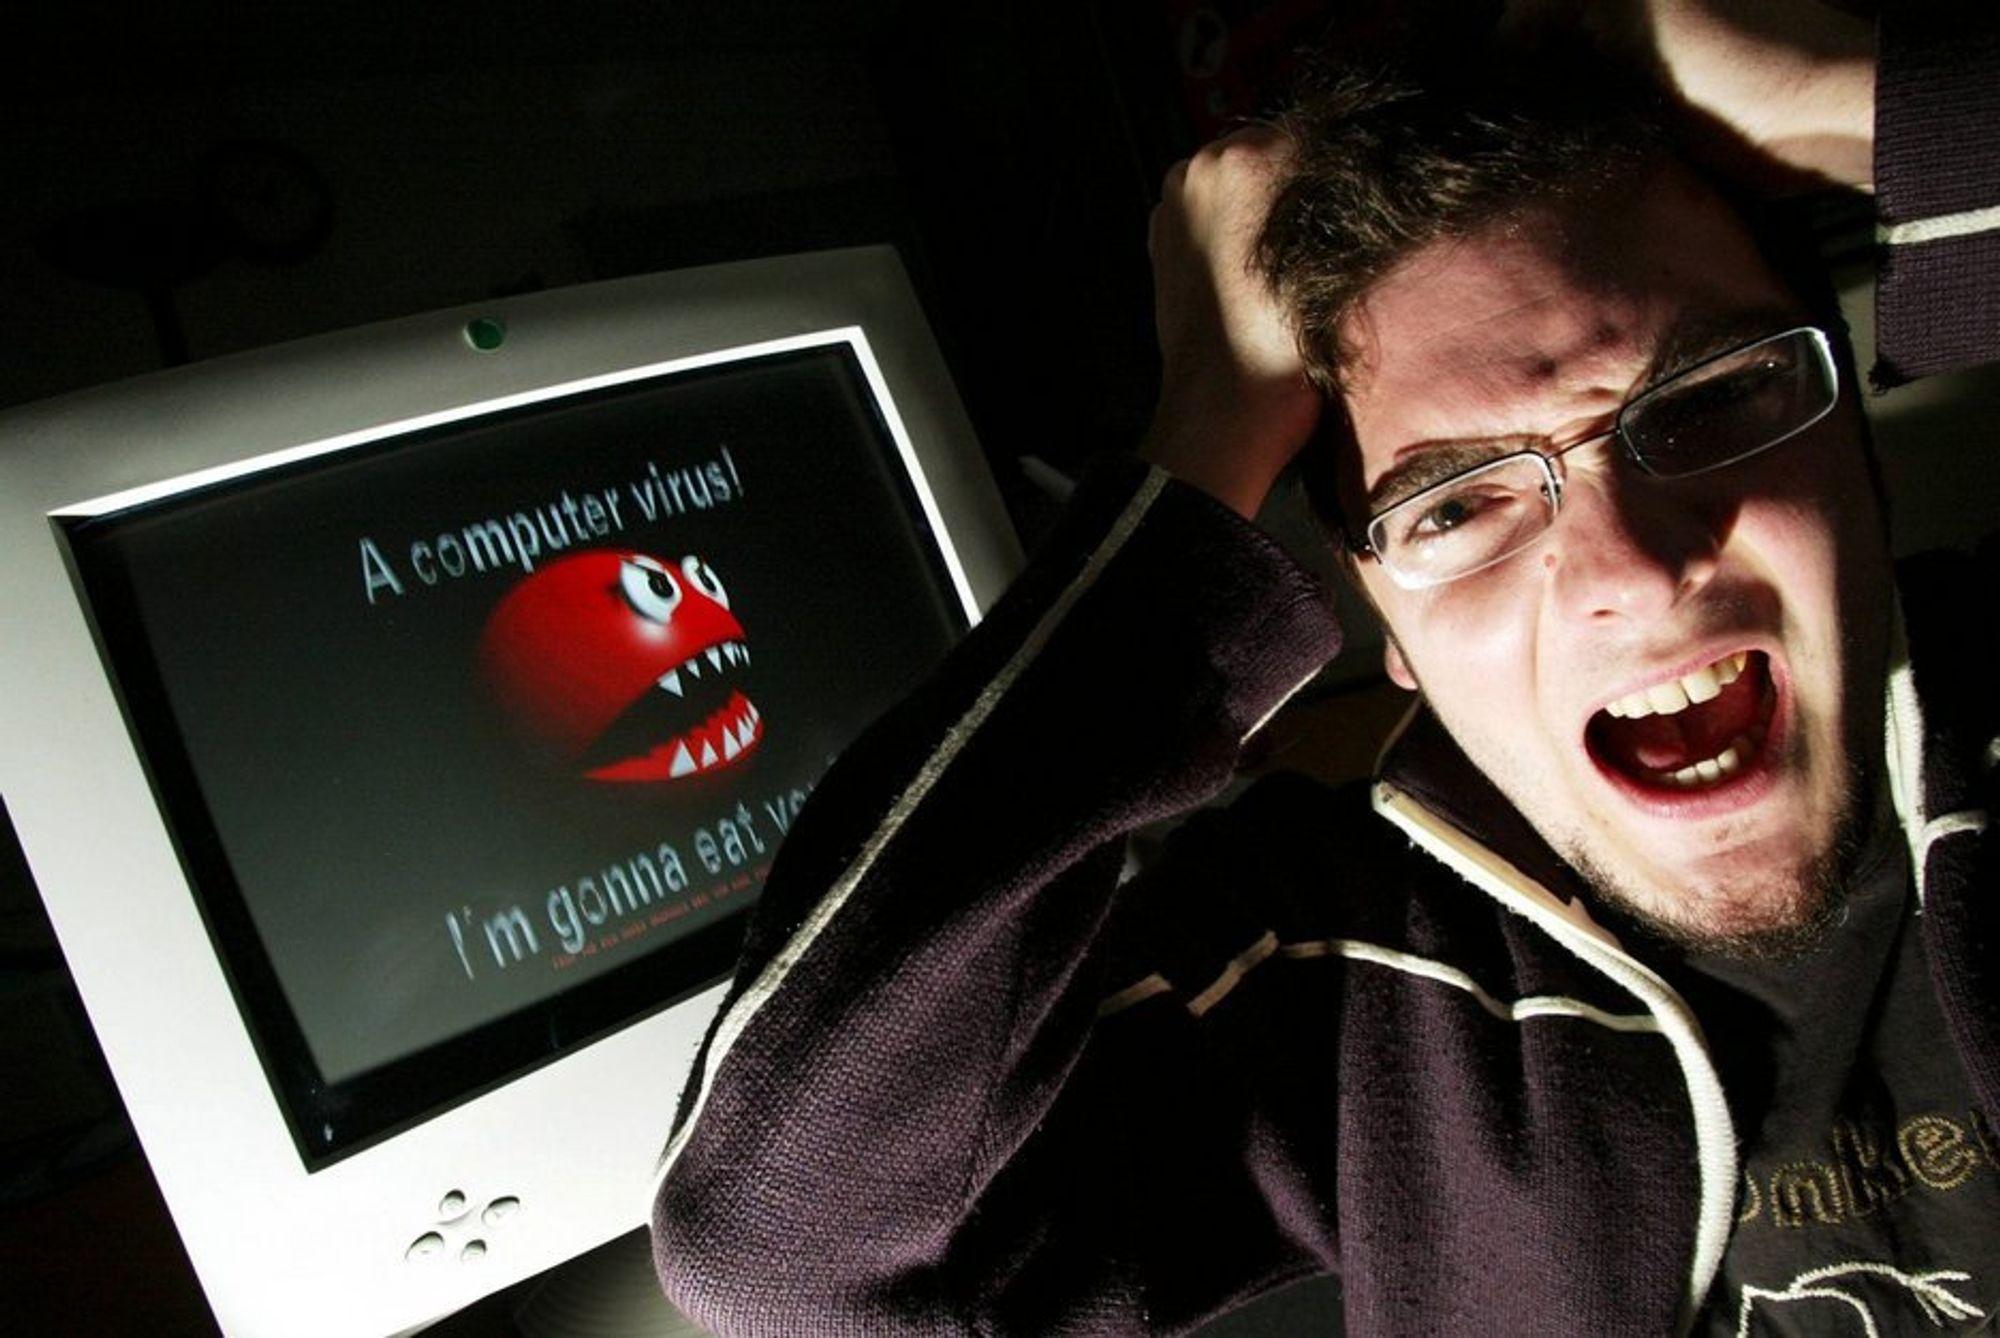 ØDELEGGENDE: Stadig flere opplever å få datamaskinen infisert av virus og annen digital styggedom. Å få blokkert maskinen med datavirus kan være en meget frustrerende og fortvilt situasjon.